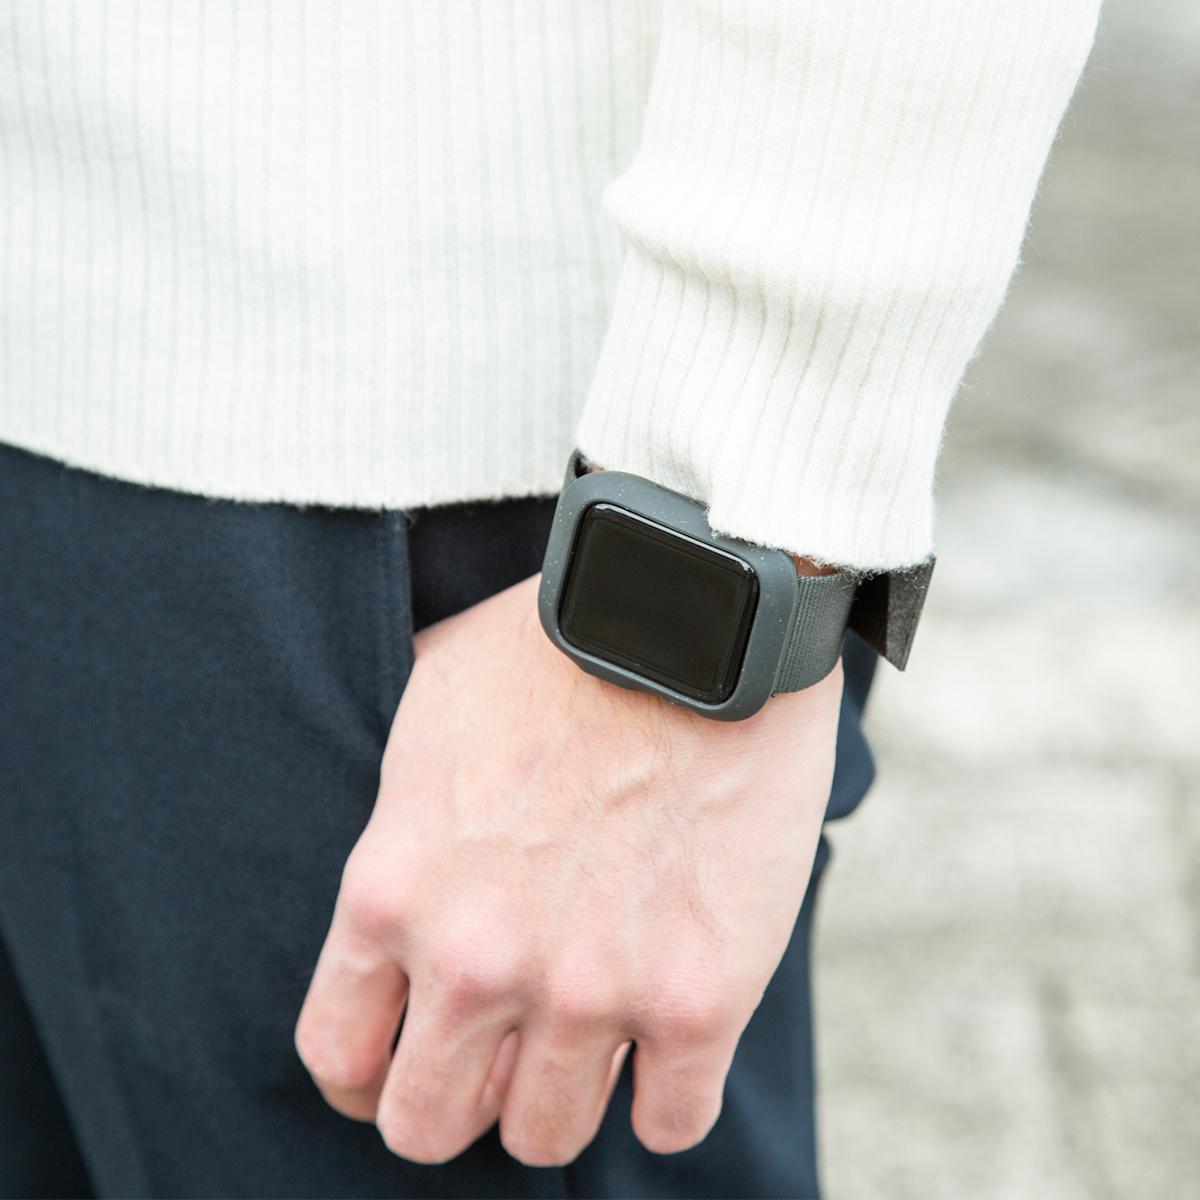 シンプルだから街でも使える。落下・衝撃・水濡れに強い、タフケース一体型Apple Watchバンド|LANDER Moab case+Band